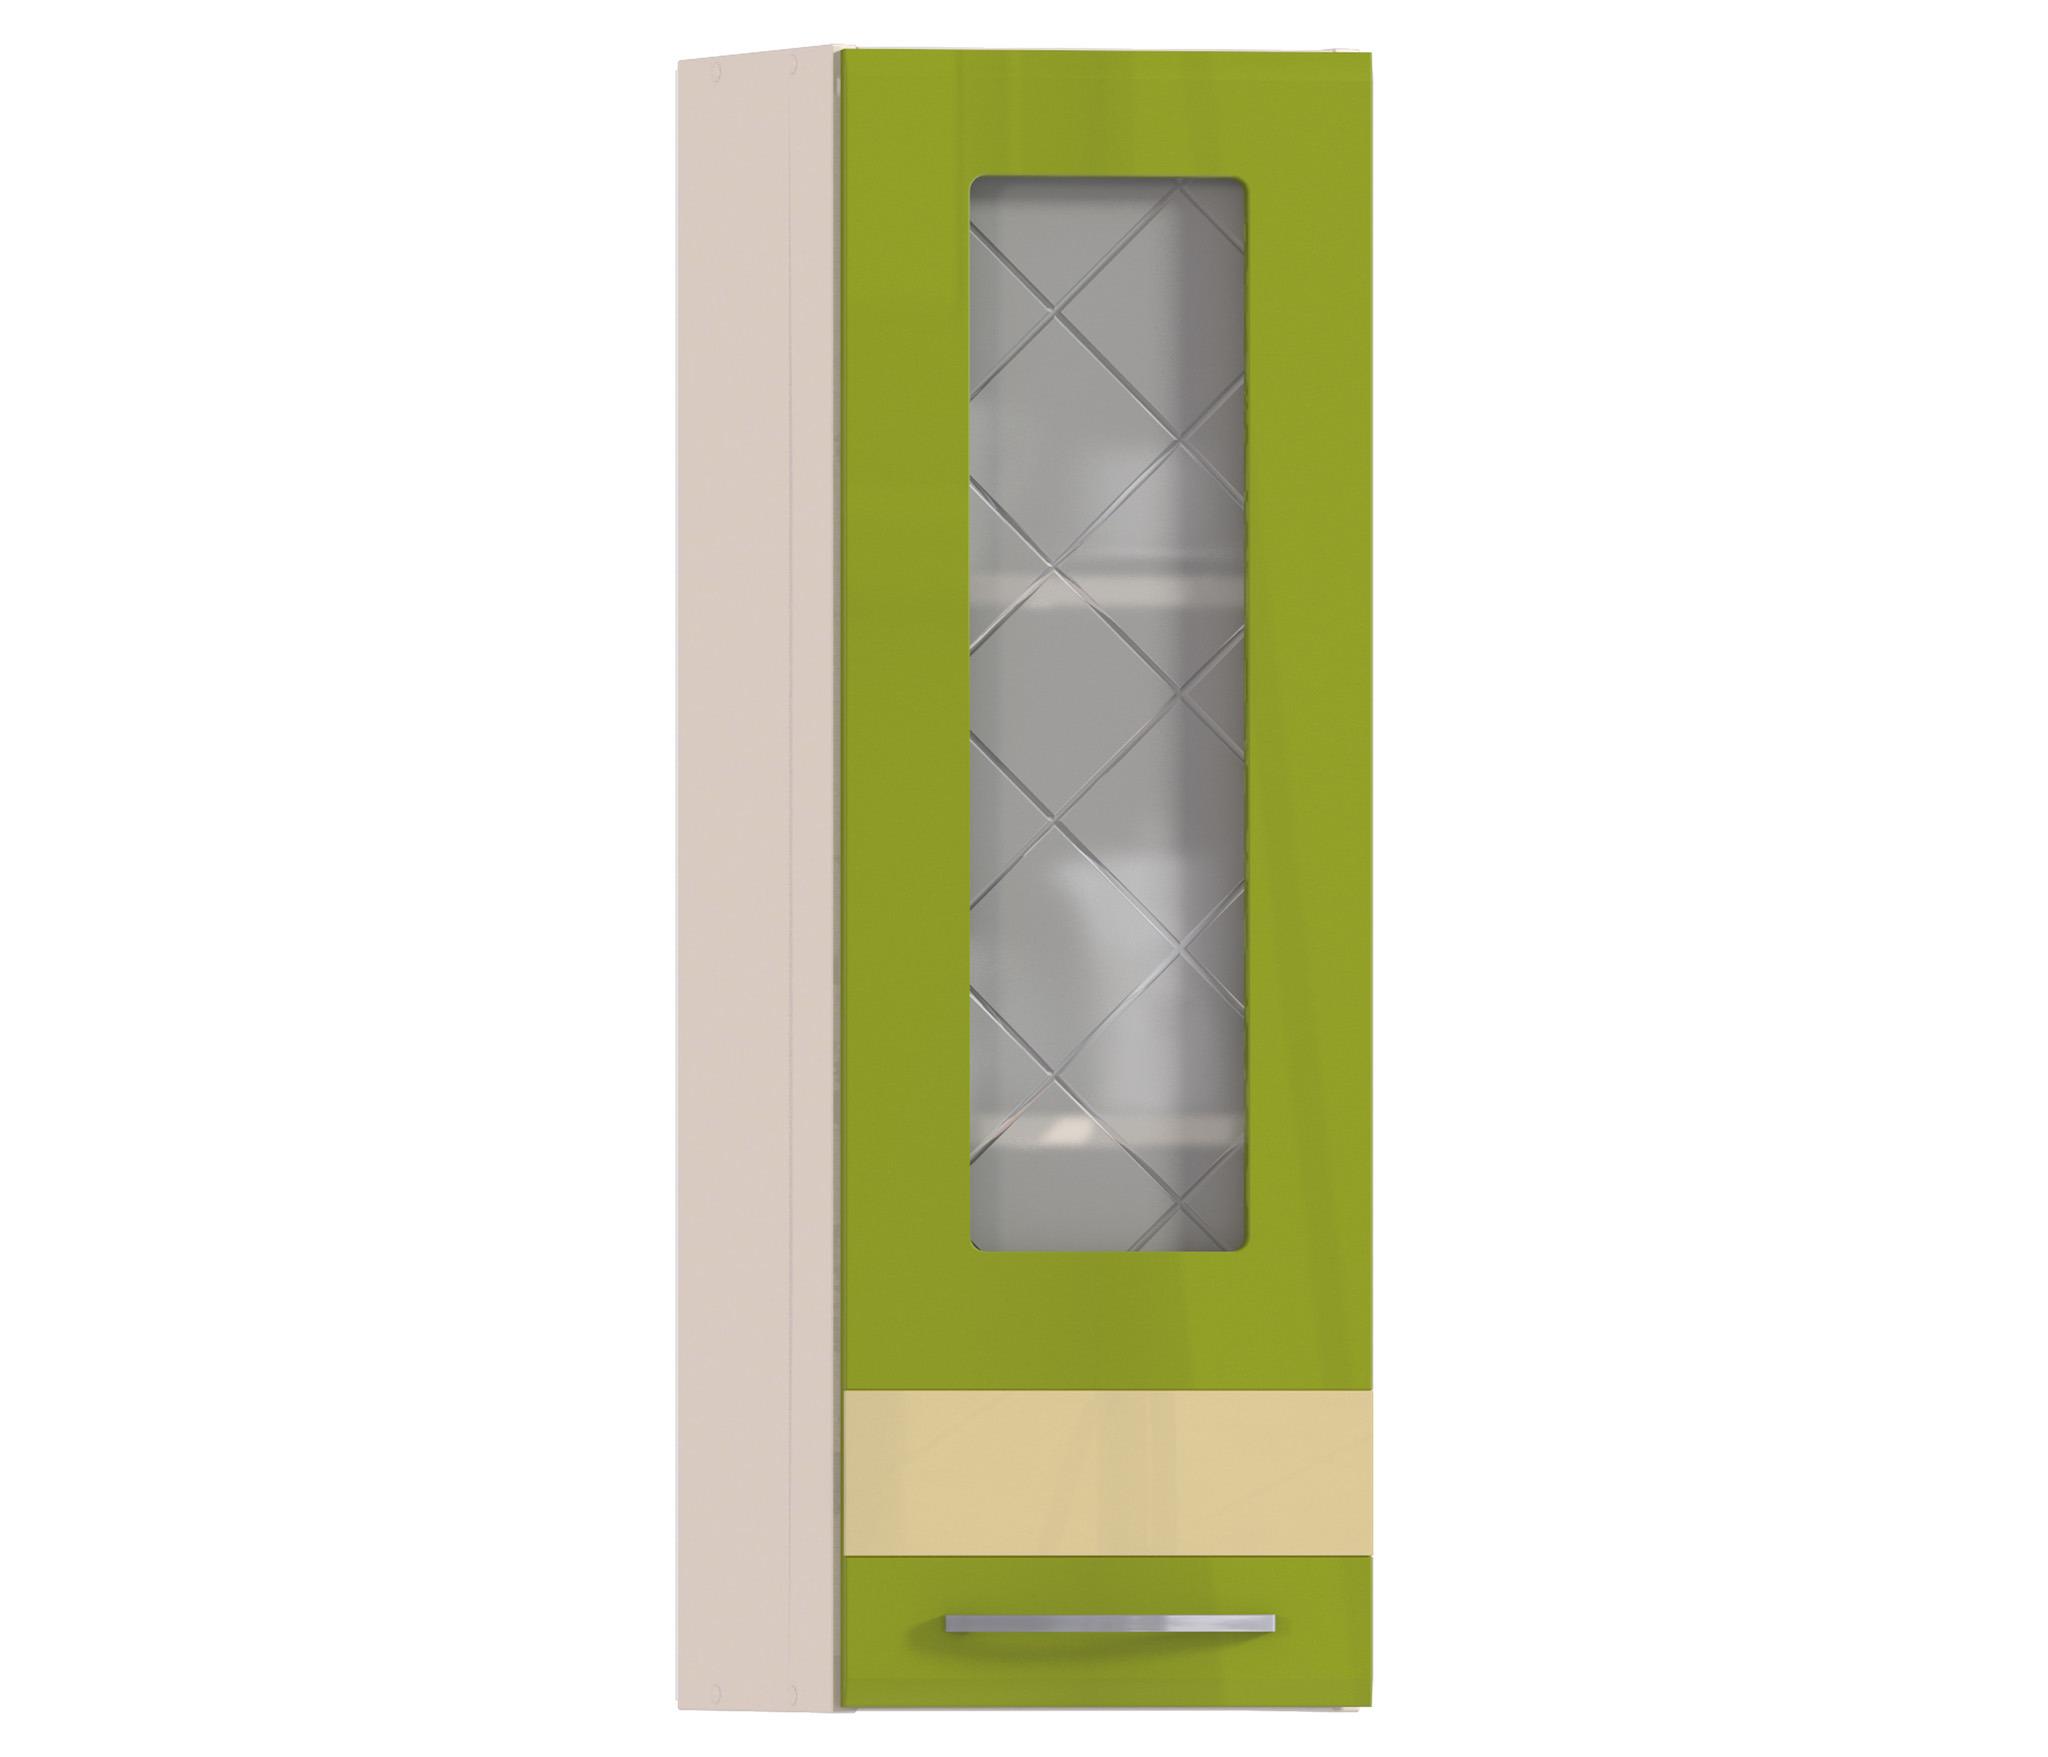 Регина РПТУ-130 полка торцевая с витринойГарнитуры<br>Угловая полка с прозрачной дверцей выполняет функцию витрины и отлично дополняет комплект мебели для кухни в том же стиле.<br><br>Длина мм: 284<br>Высота мм: 926<br>Глубина мм: 283